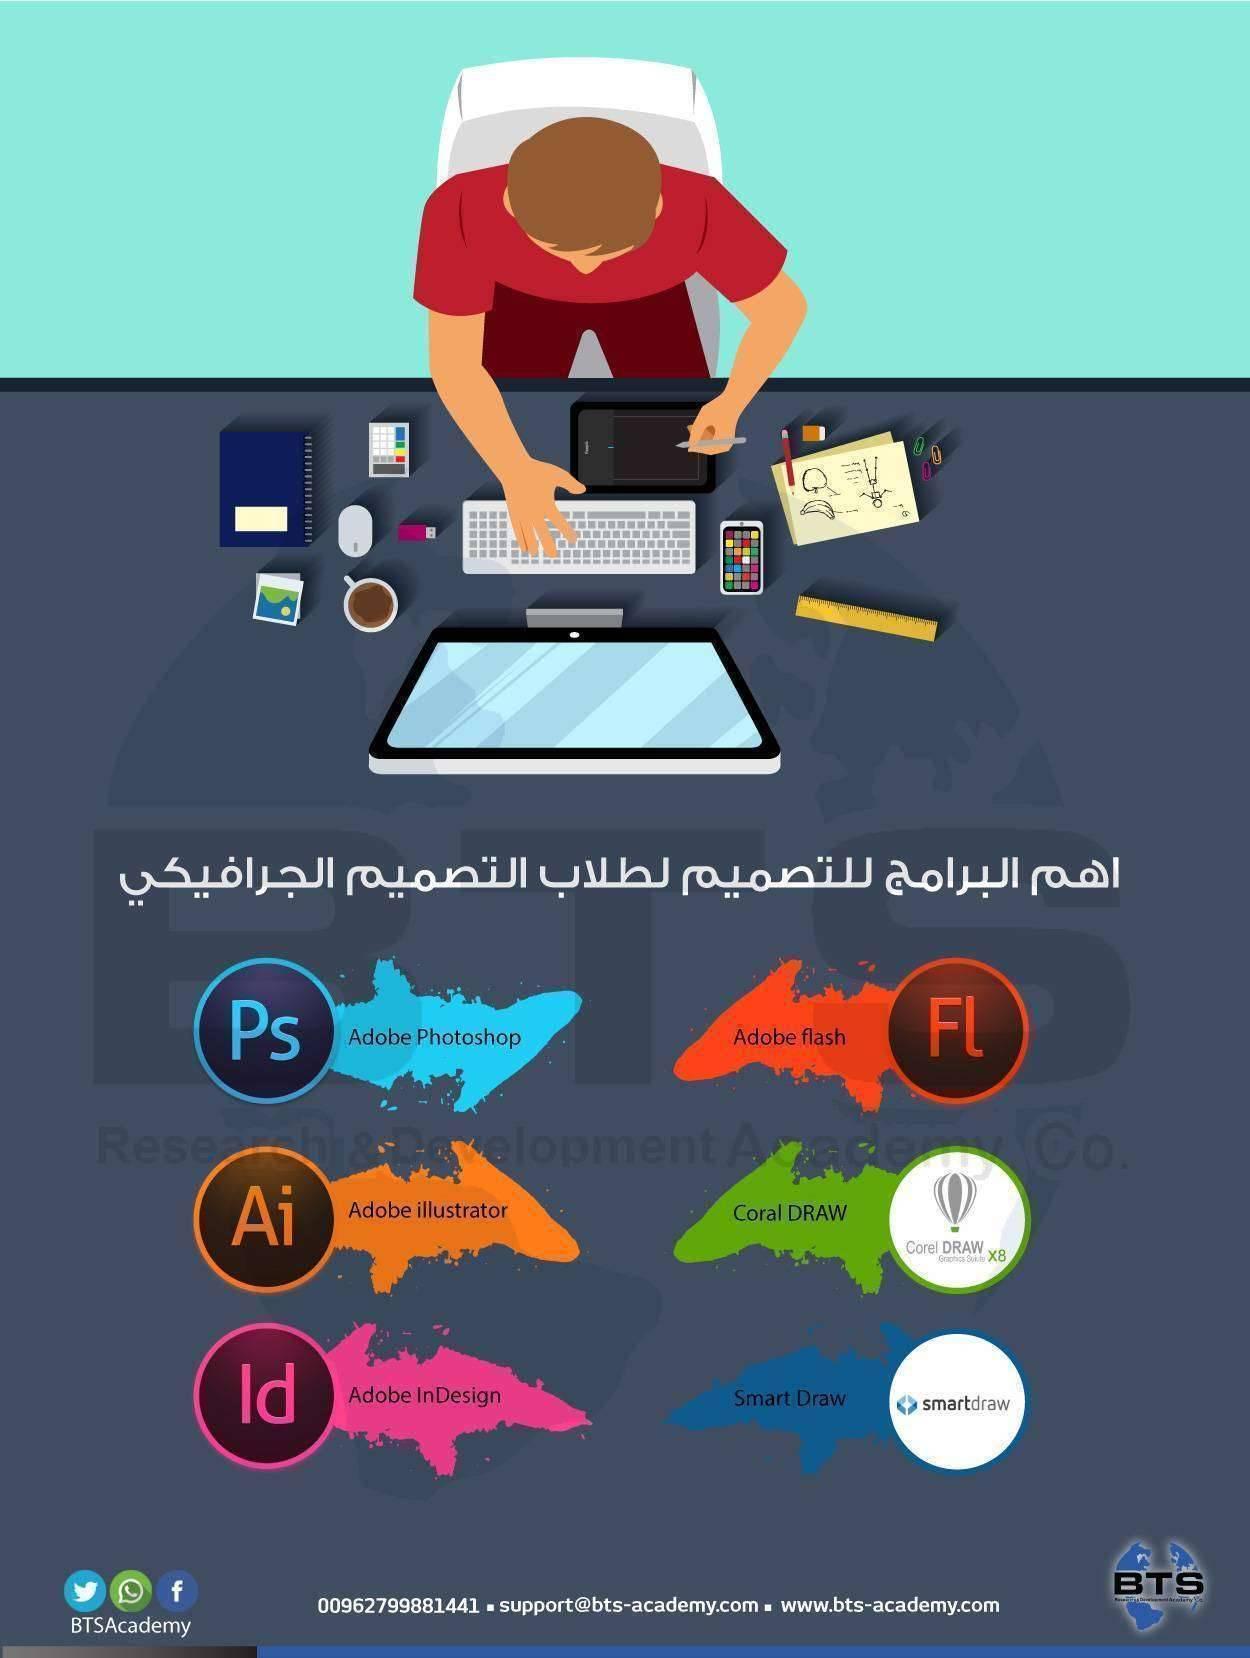 أهم برامج التصميم لطلاب التصميم الجرافيكي